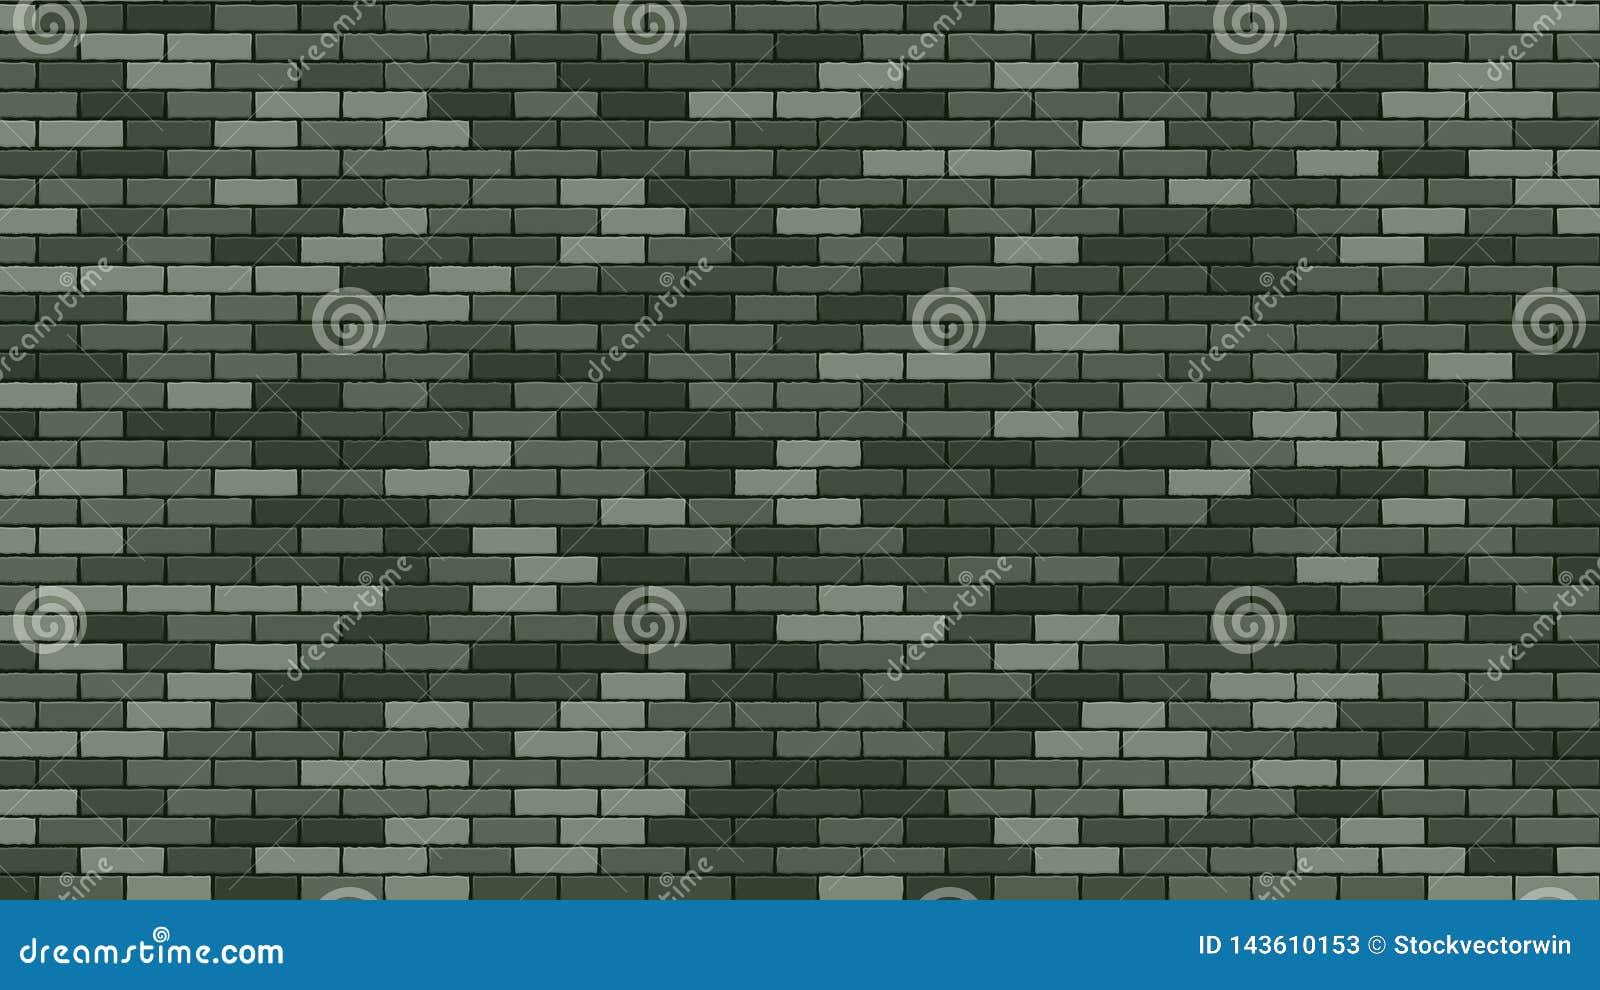 Brik墙壁传染媒介 绿色石头Brik墙壁Buidling 军事2月23日Brik墙壁背景 动画片司令员枪他的例证战士秒表